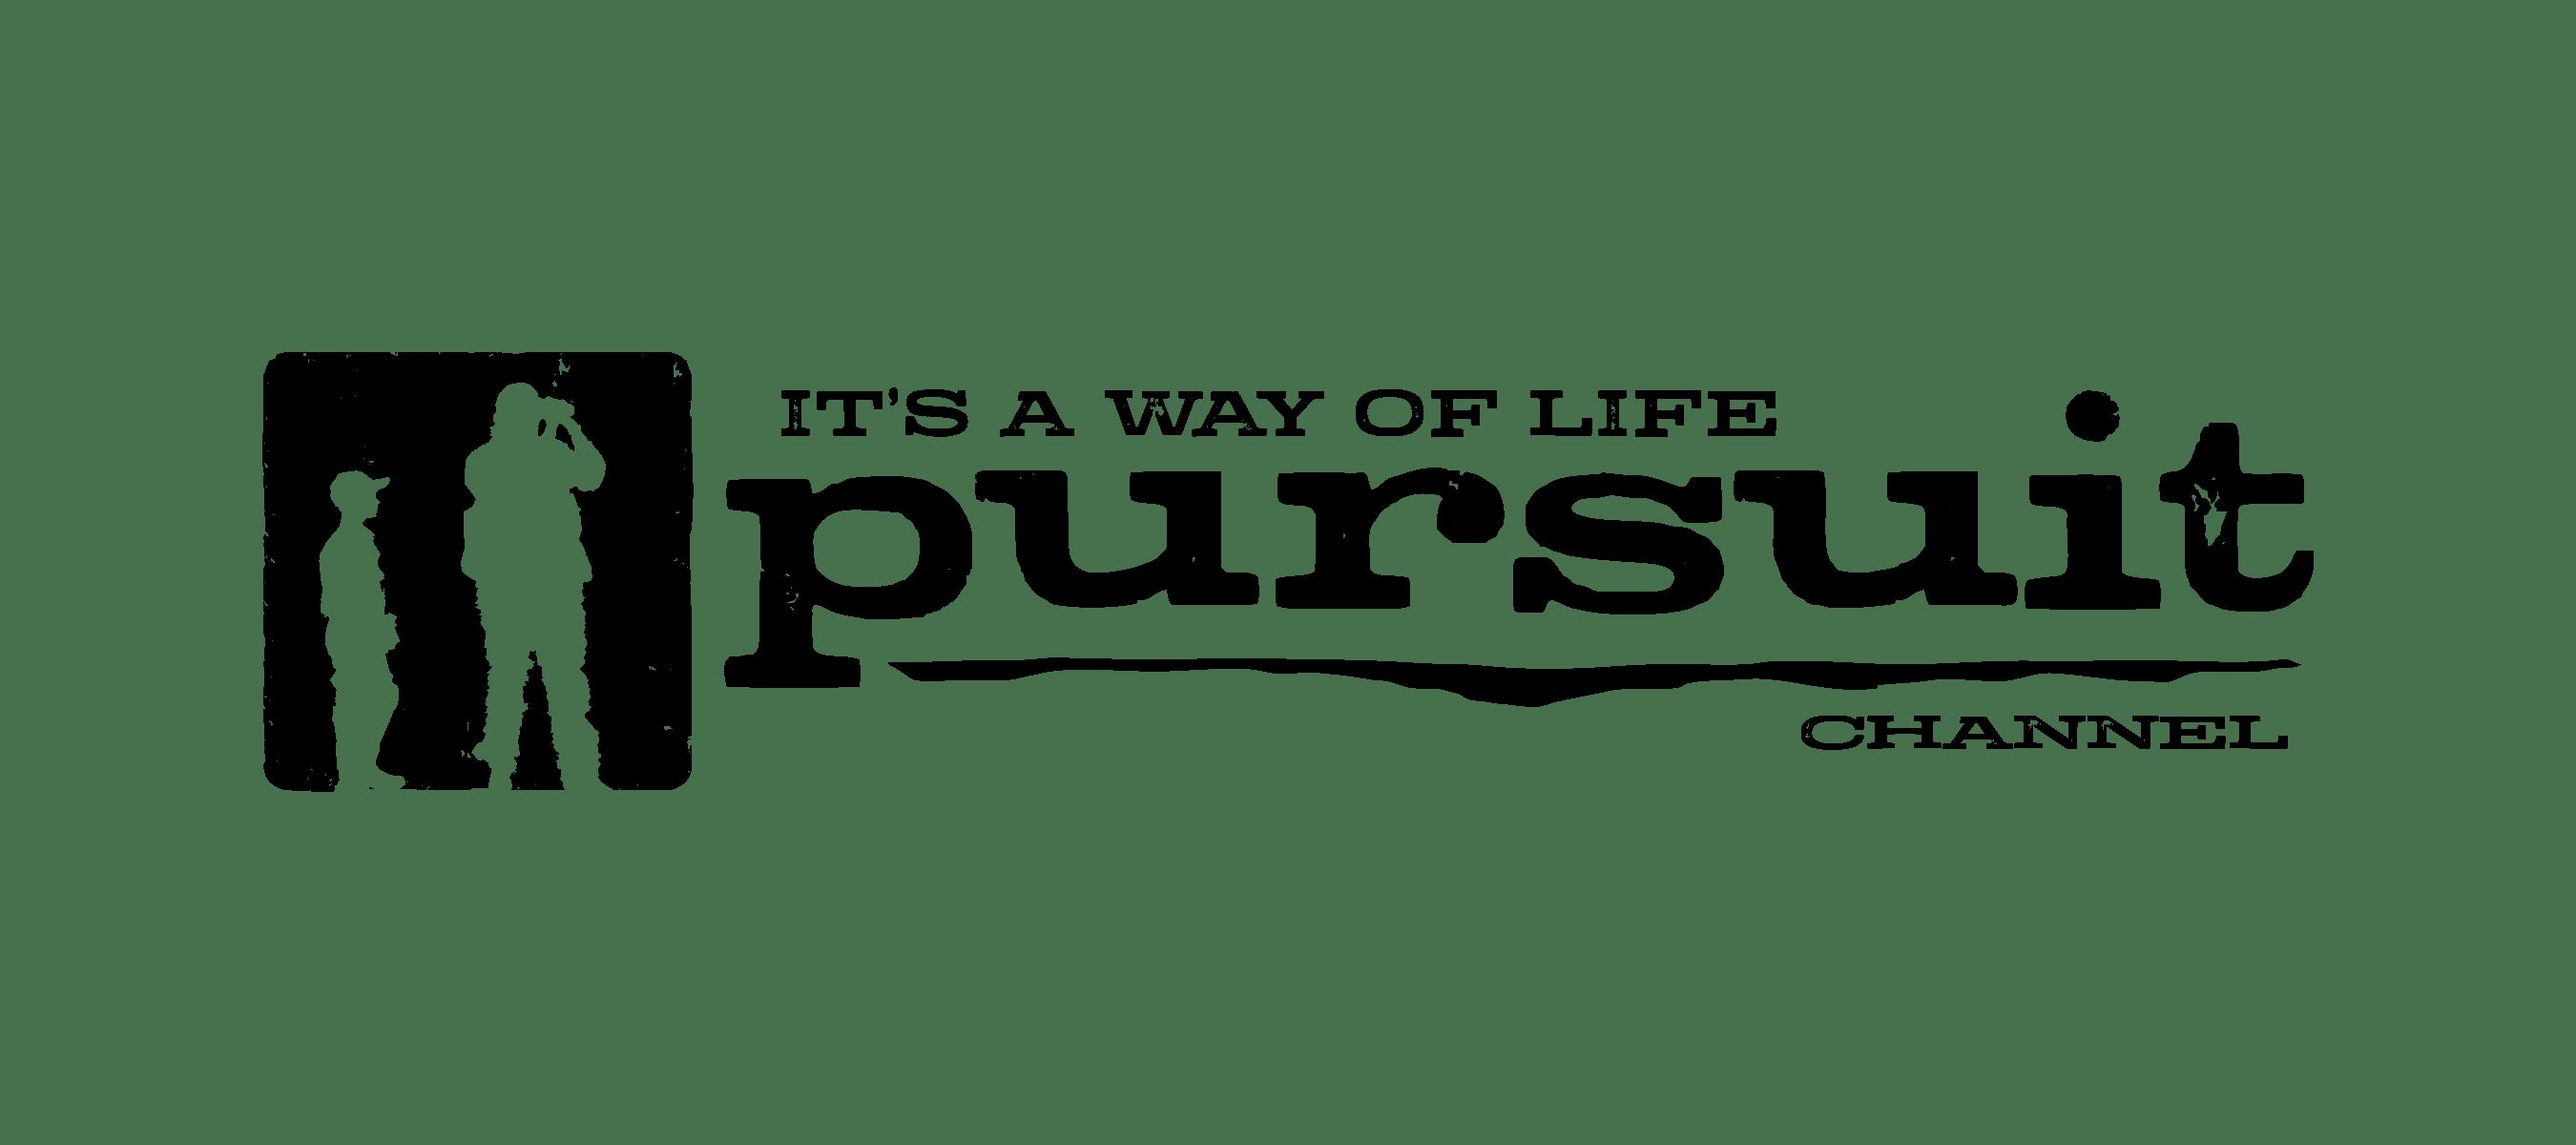 Pursuit Channel moves